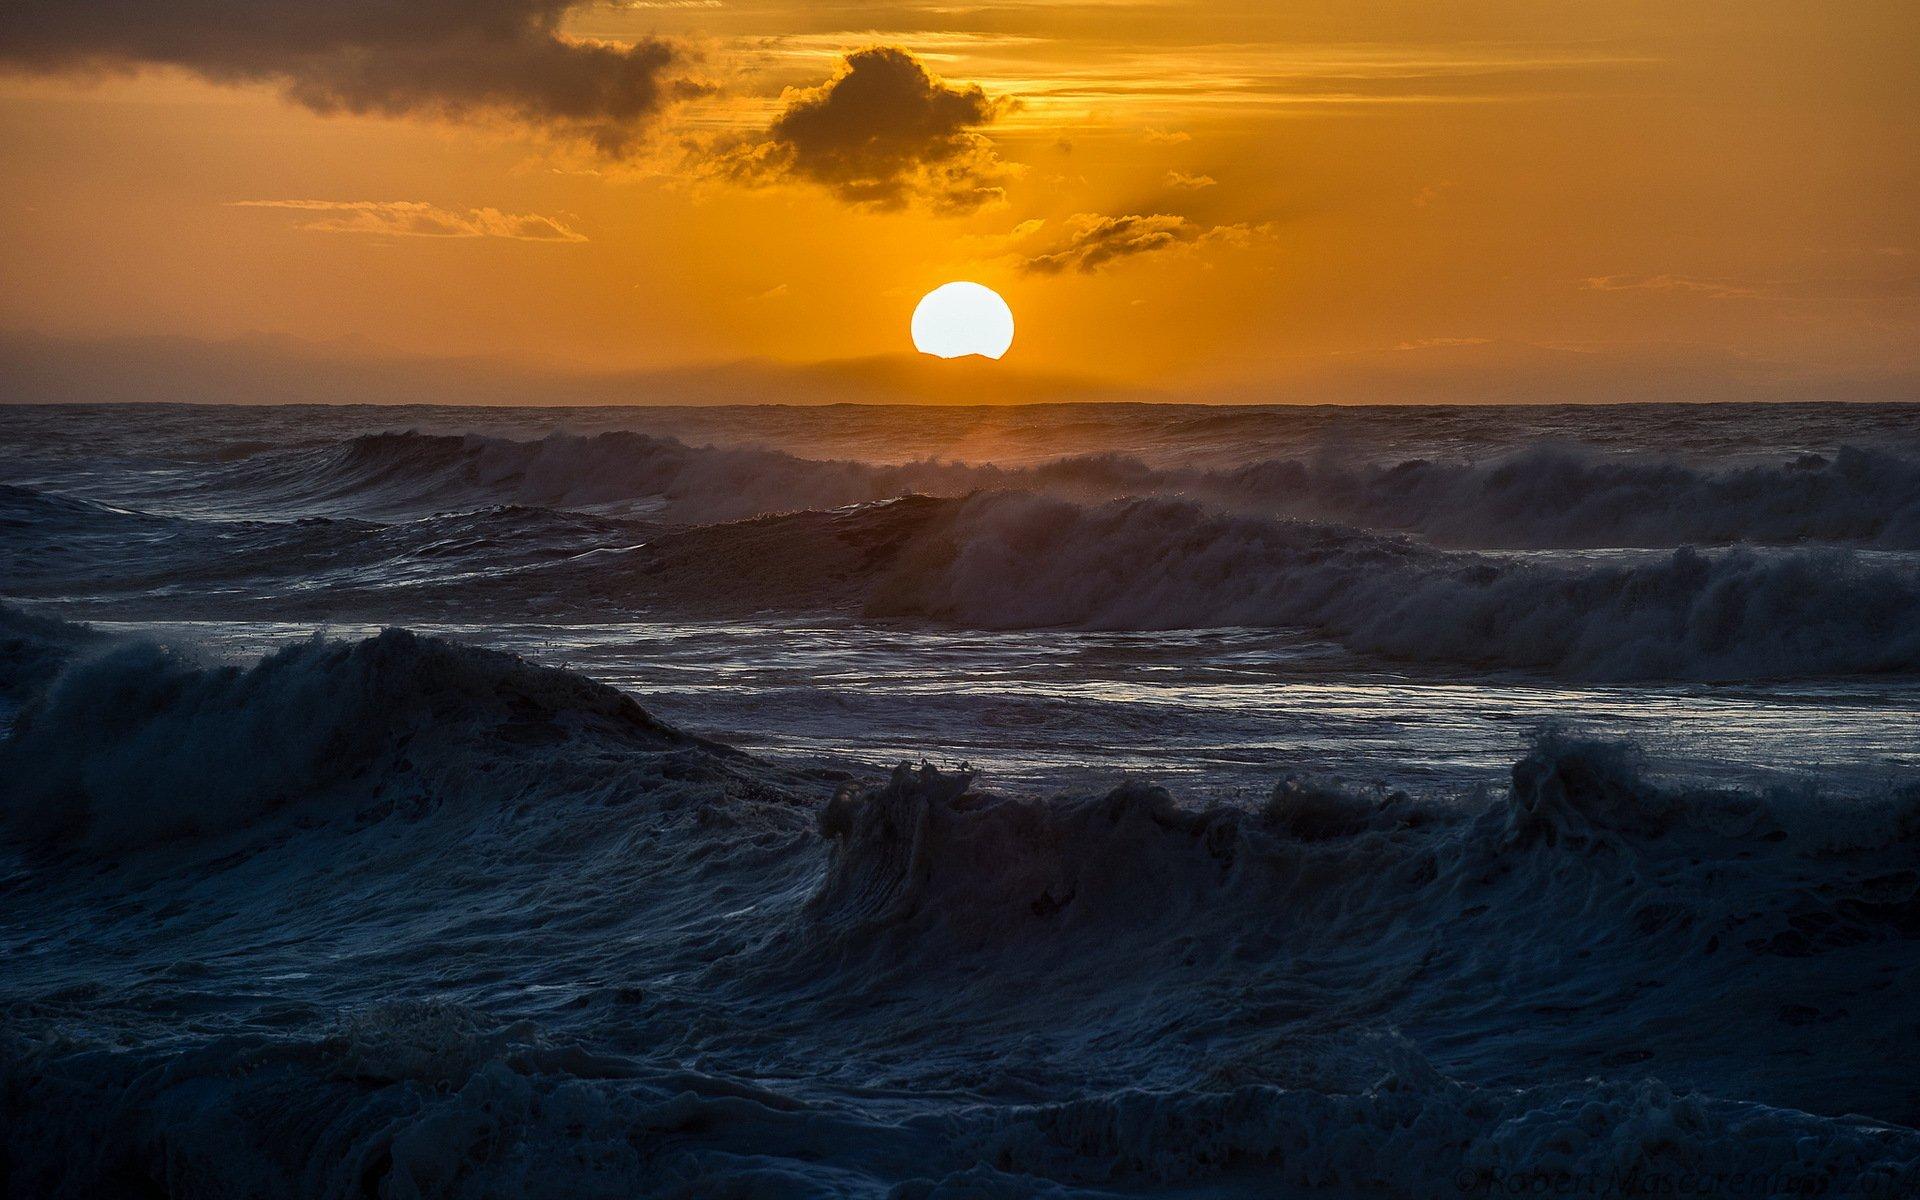 морской закат перед бурей скачать